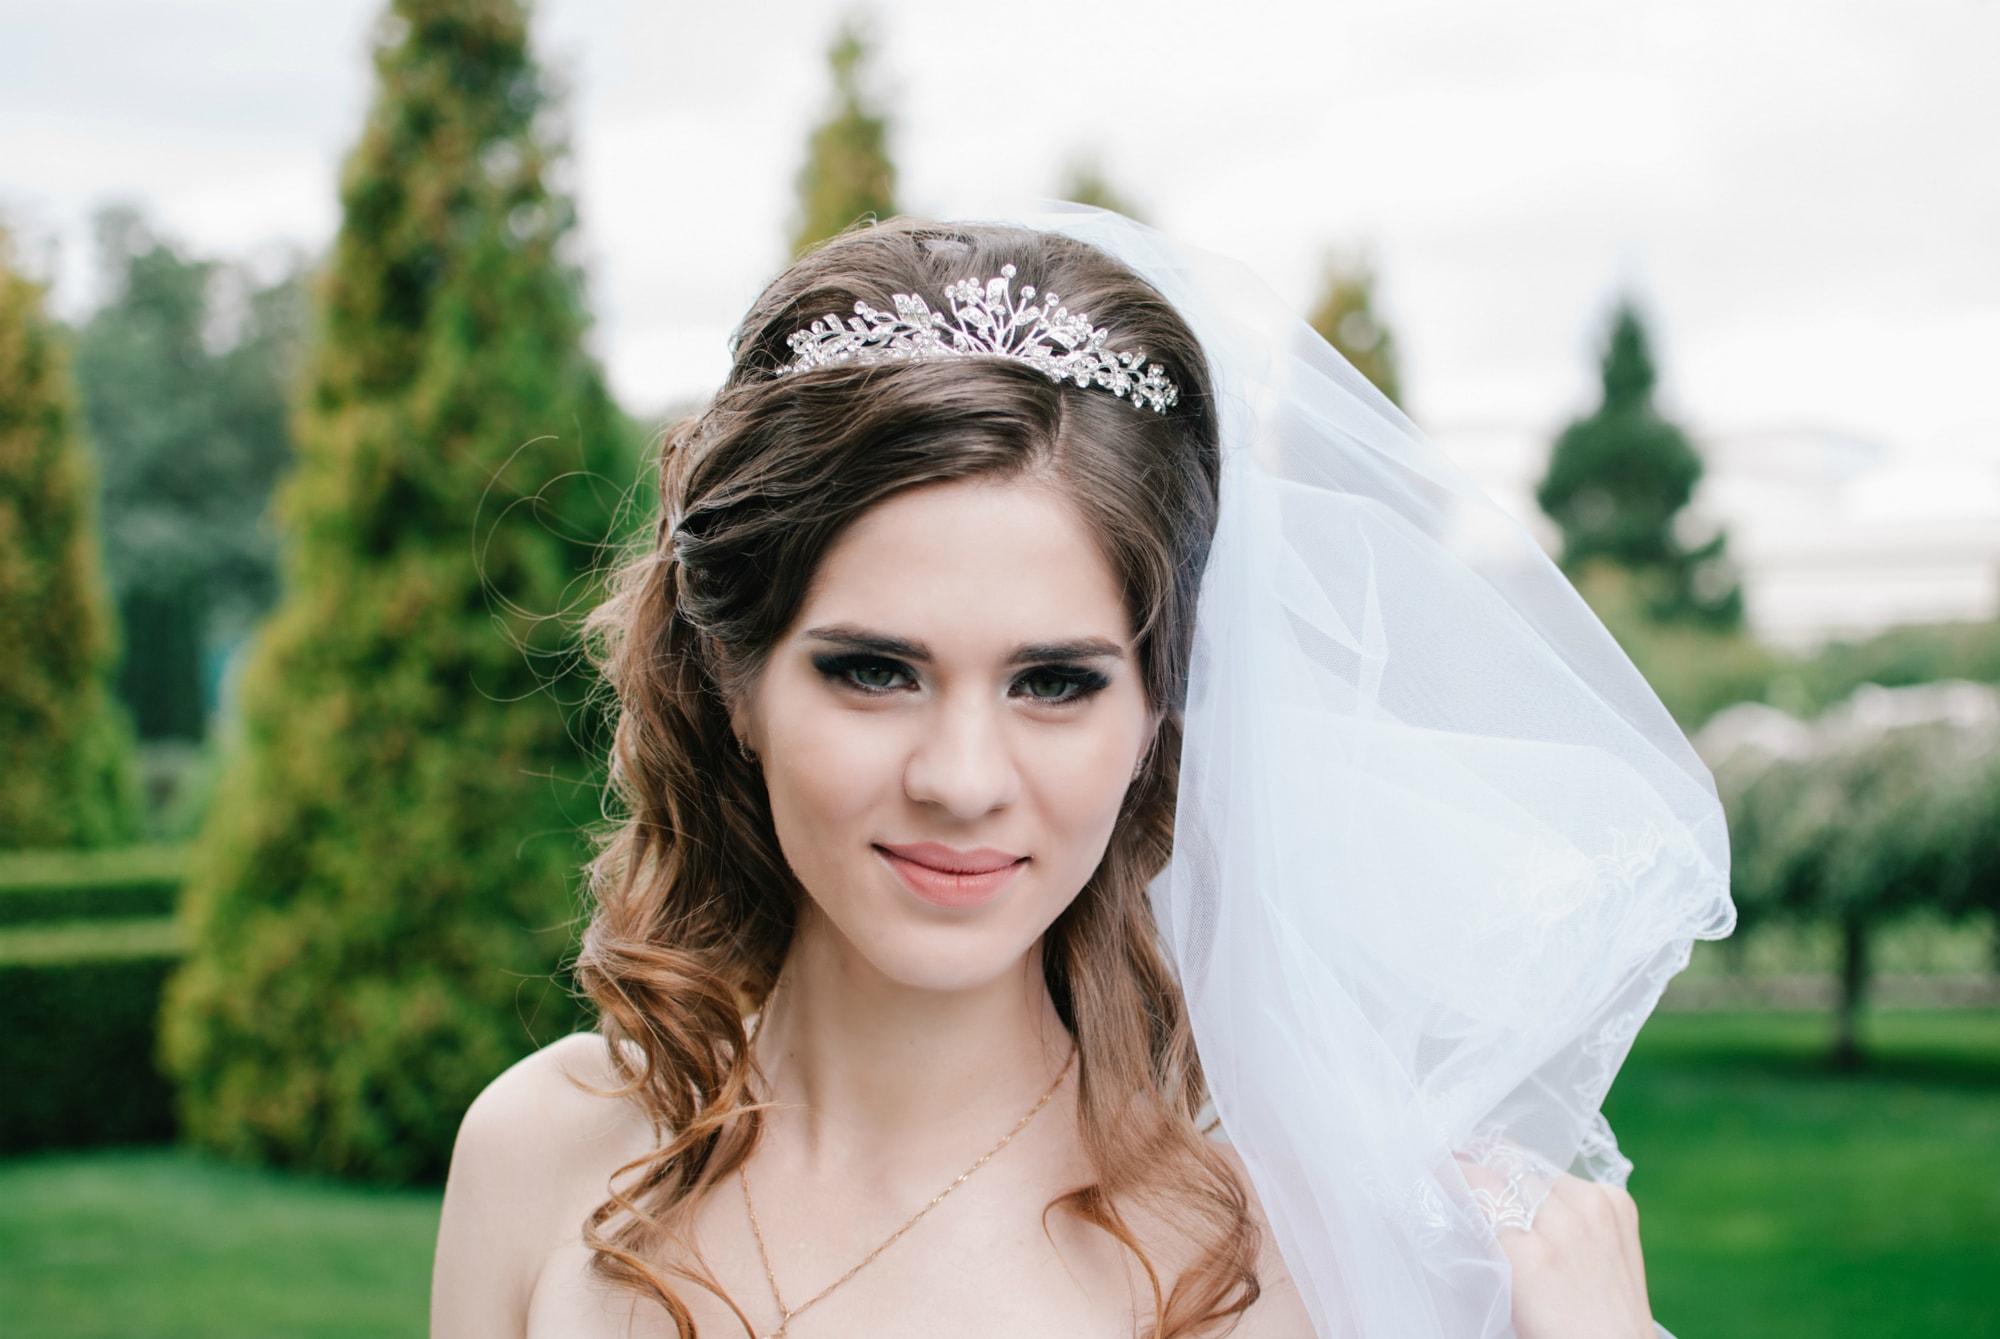 Вызывающий взгляд невесты - Фотограф Киев - Женя Лайт